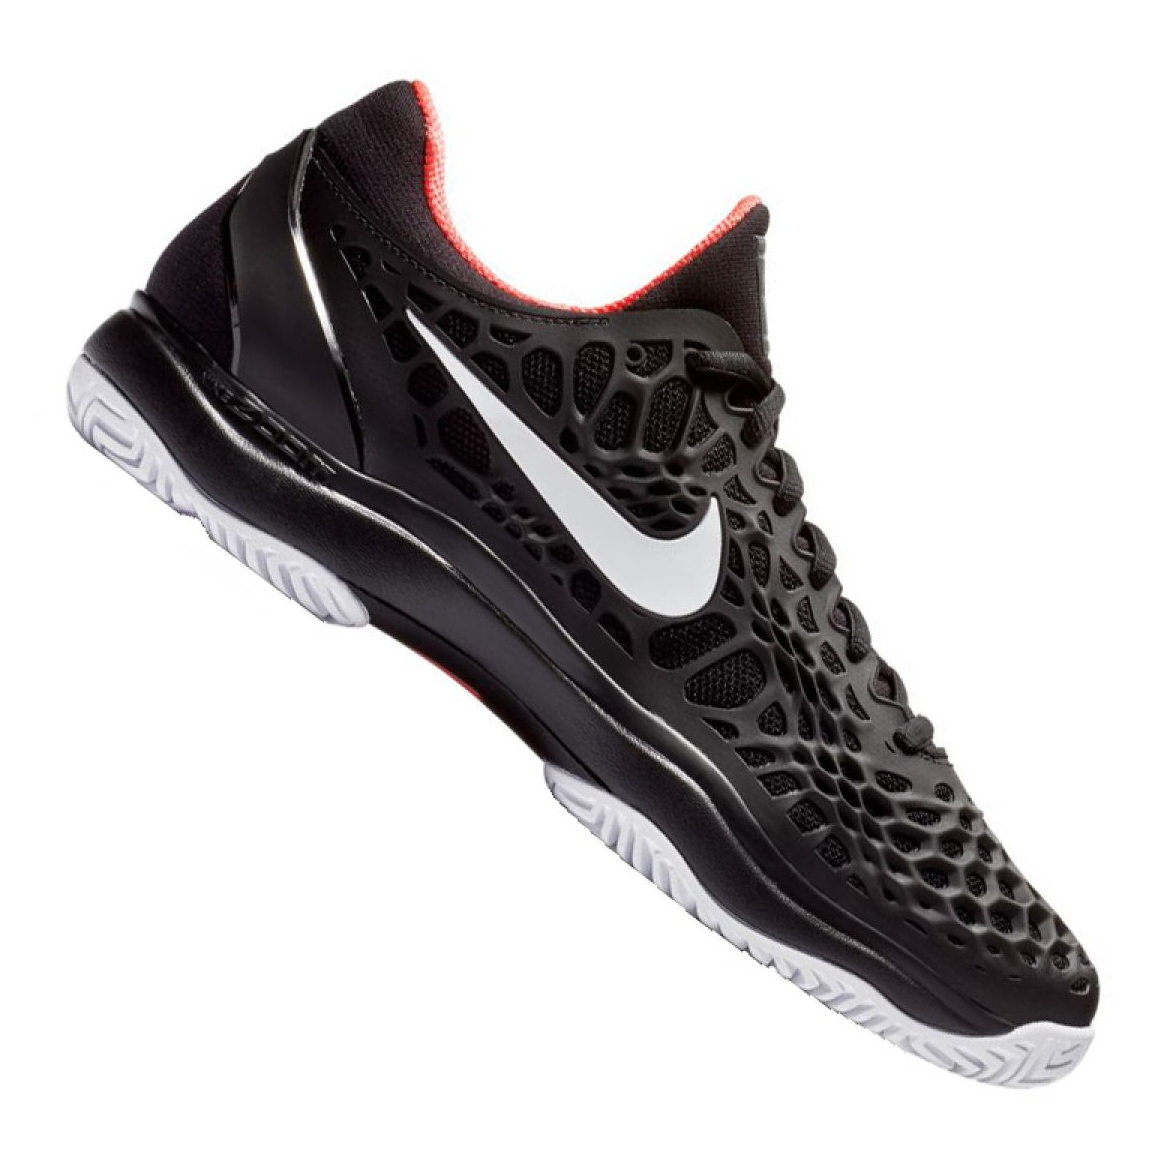 Cage 026 De Nike 3 Zapatillas M Negro 918193 Air Tenis Zoom QdeCWBxro